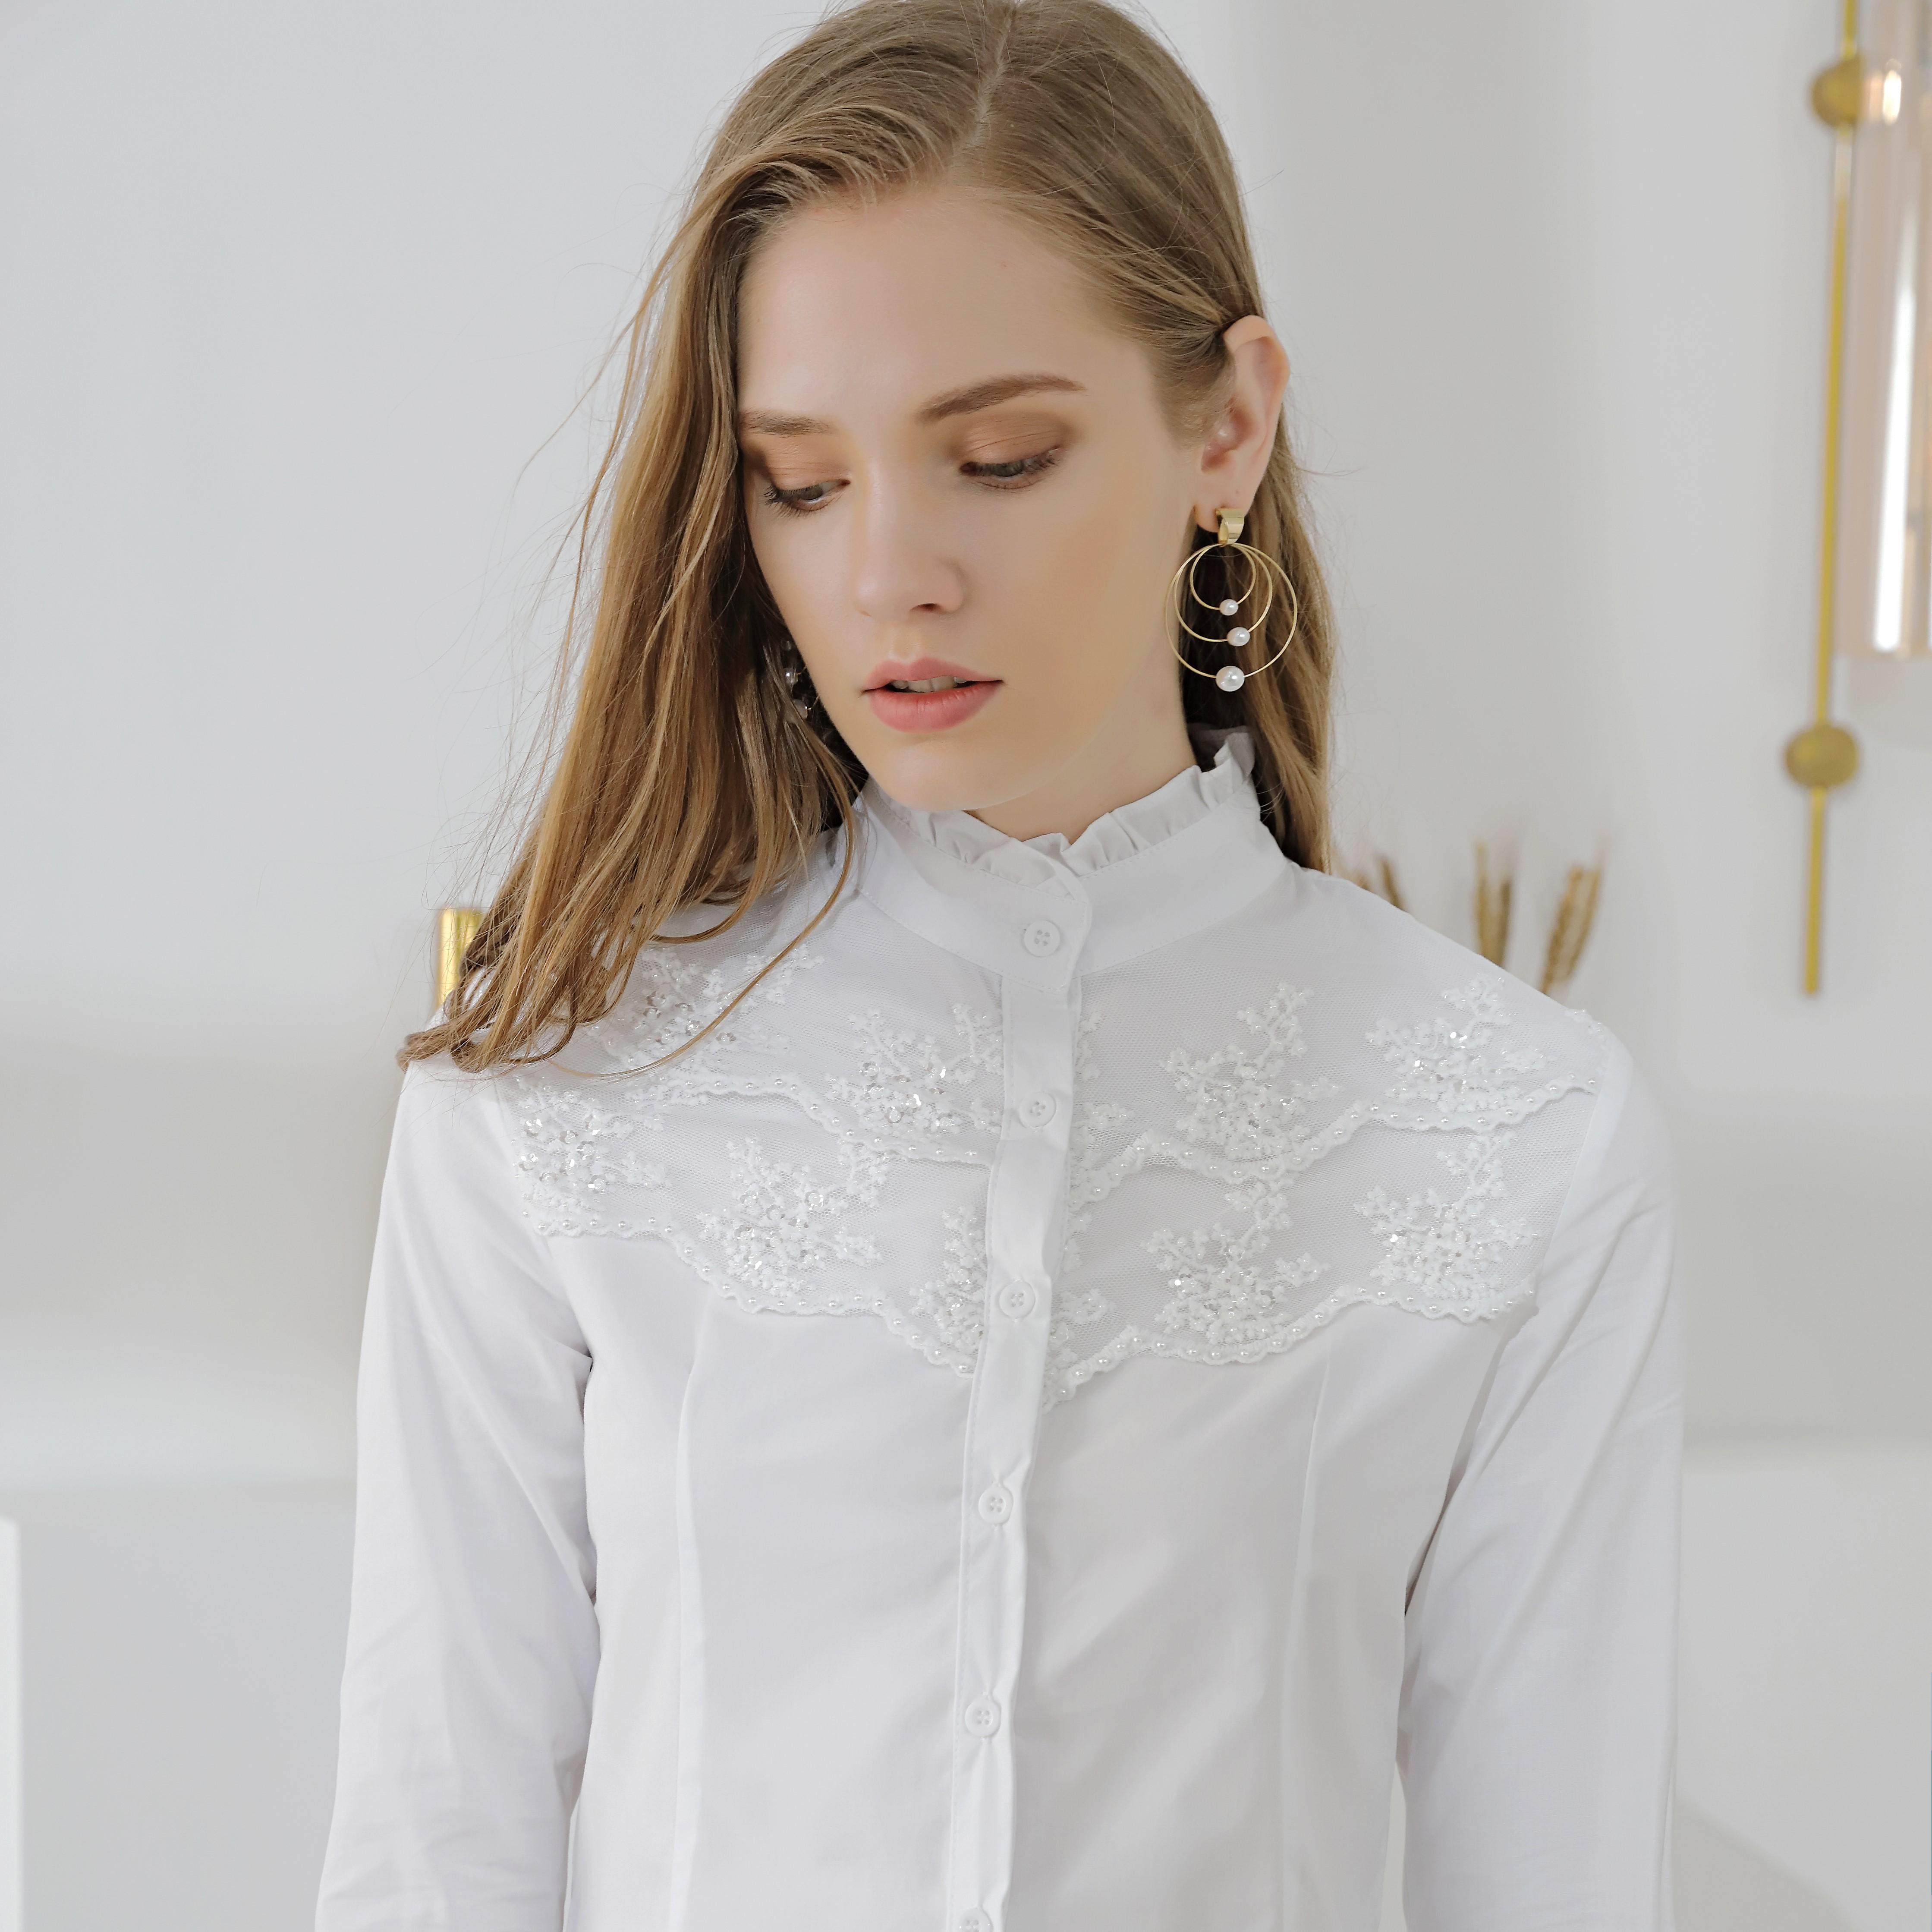 女装长袖衬衫 2020夏装新款复古荷叶领长袖钉珠蕾丝拼接白衬衫上衣女_推荐淘宝好看的女长袖衬衫